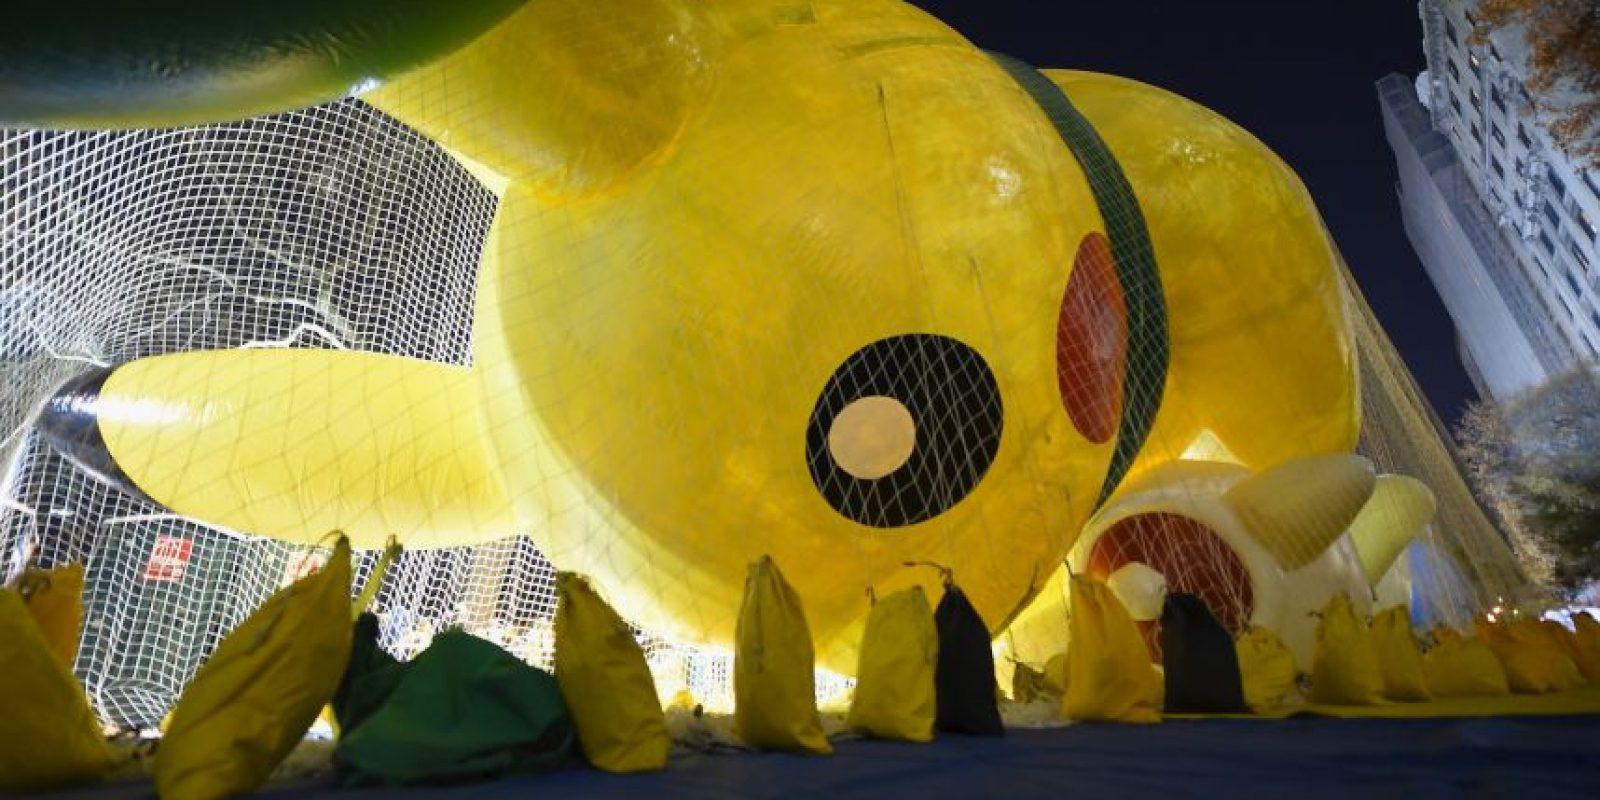 """Además de clásicos de los años 90 como """"Pikachu"""" de Pokemón Foto: AFP"""